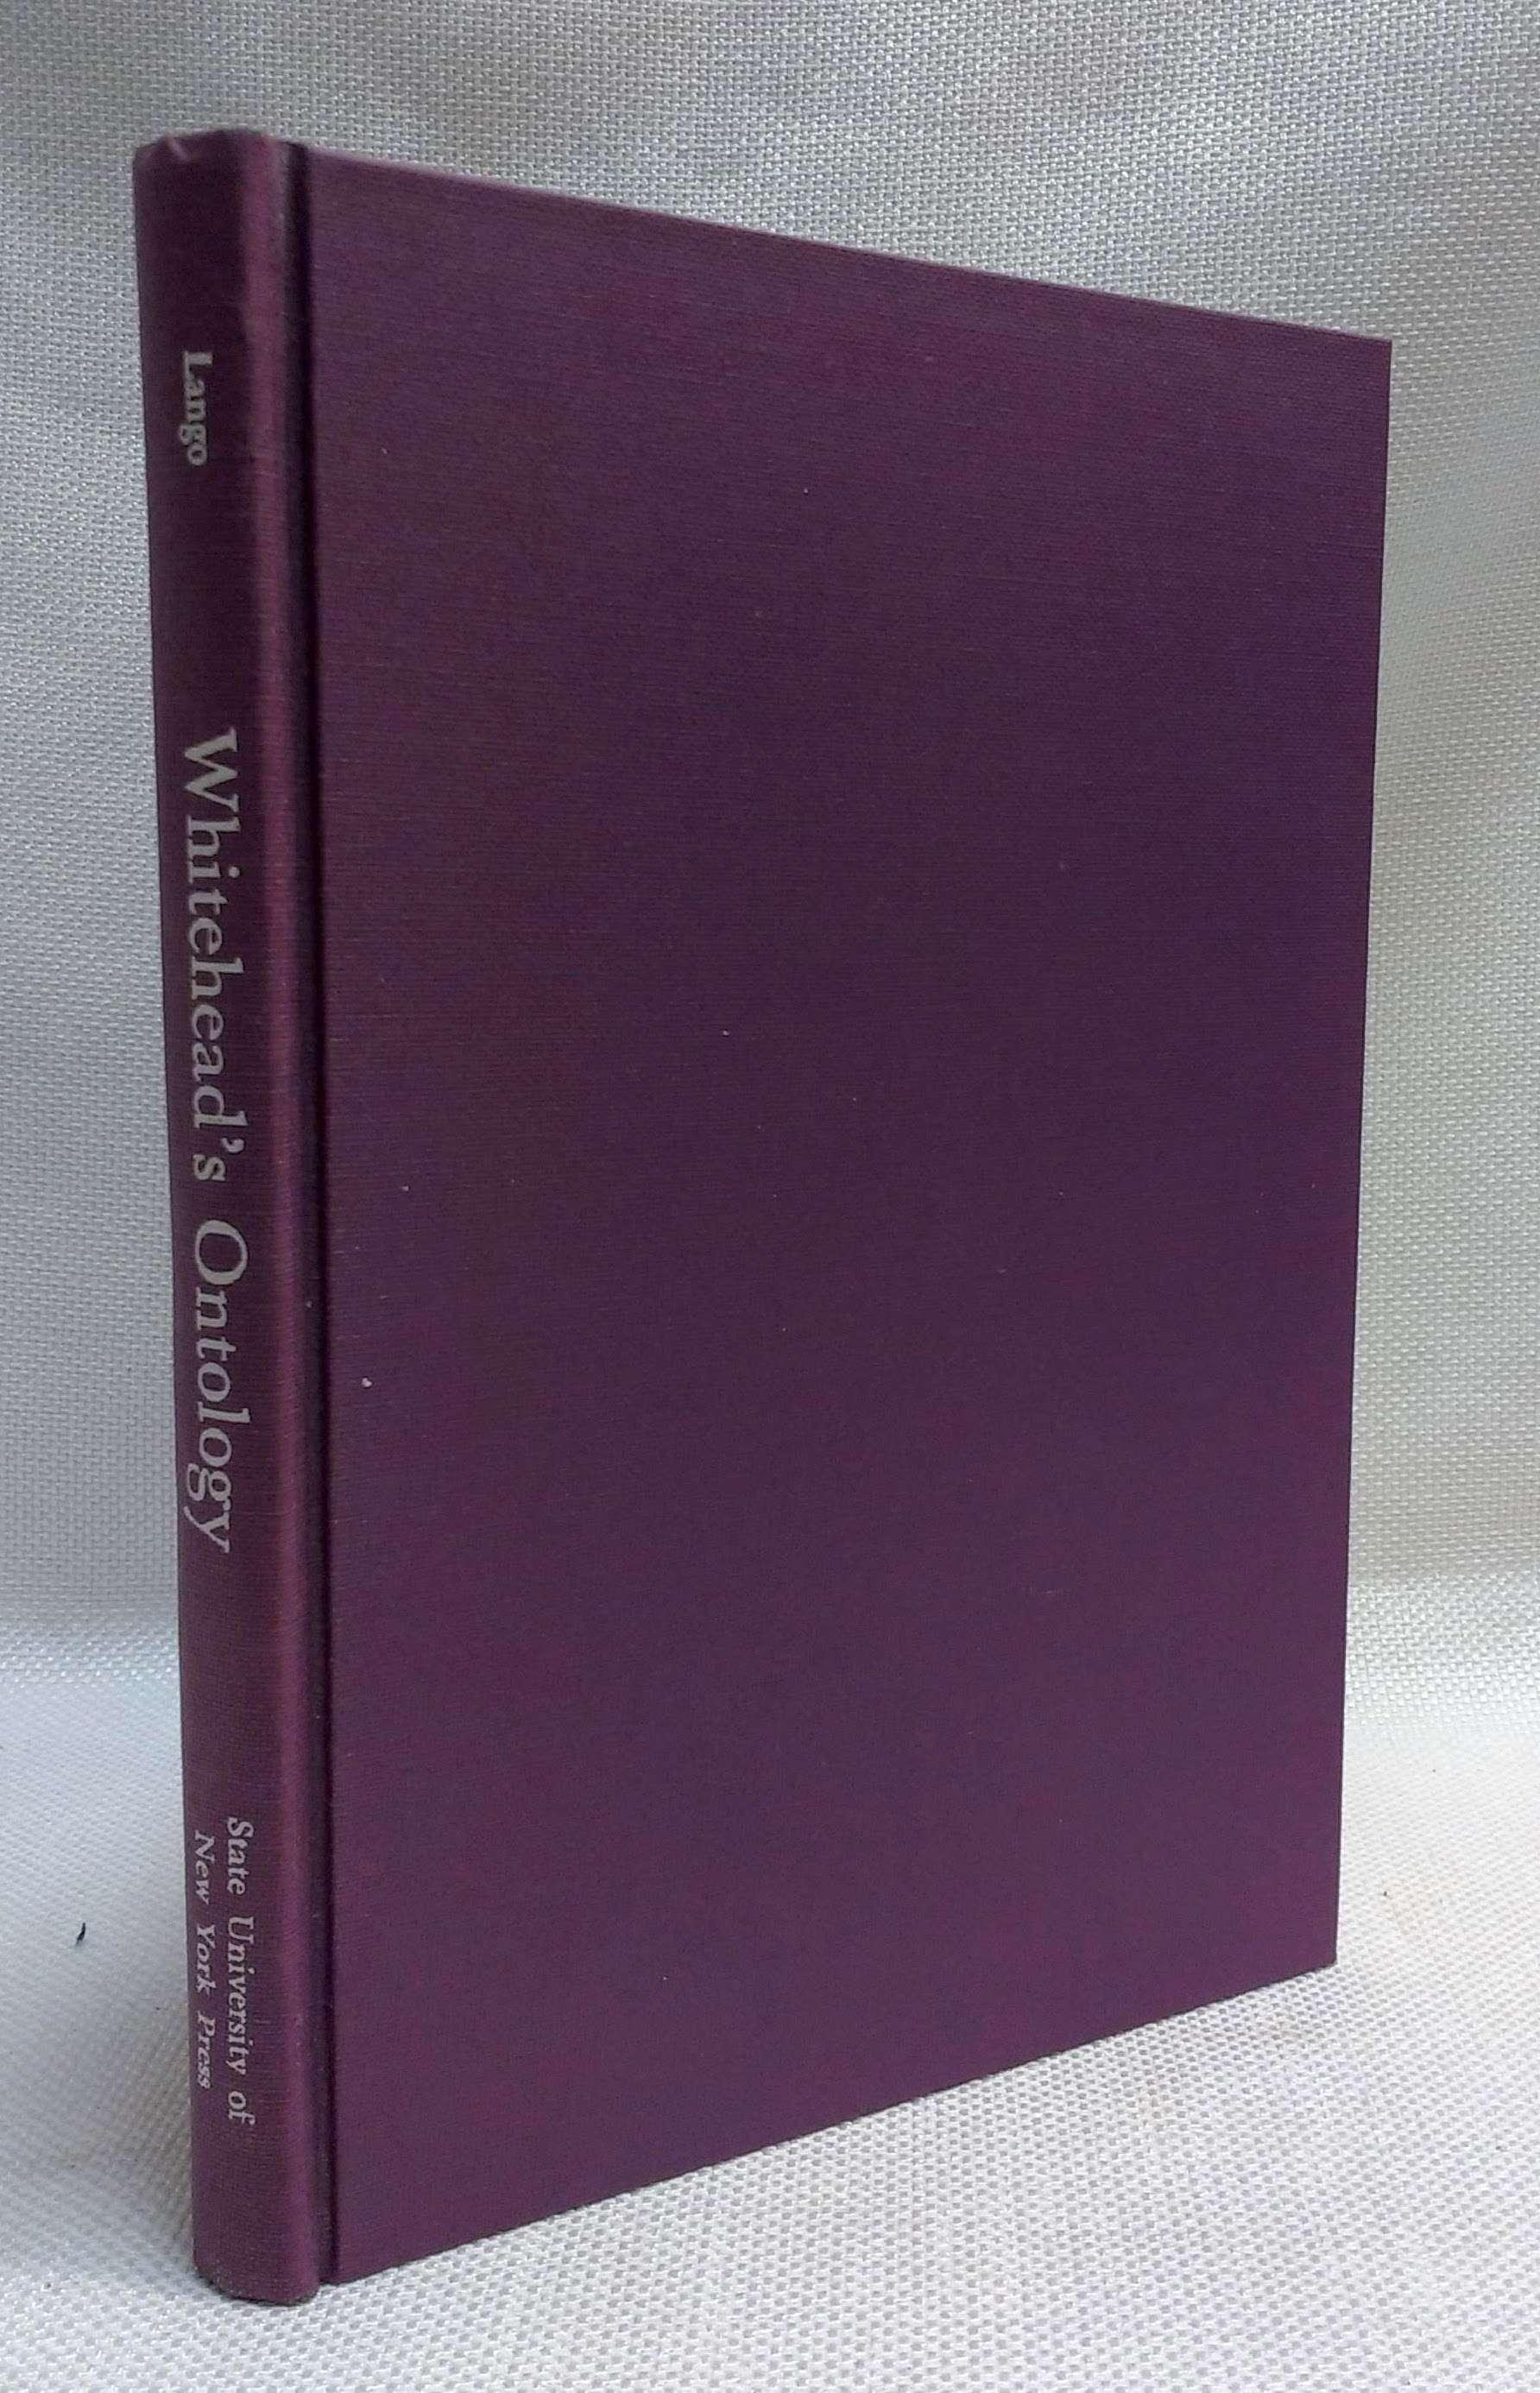 Whitehead's Ontology, Lango, John W.